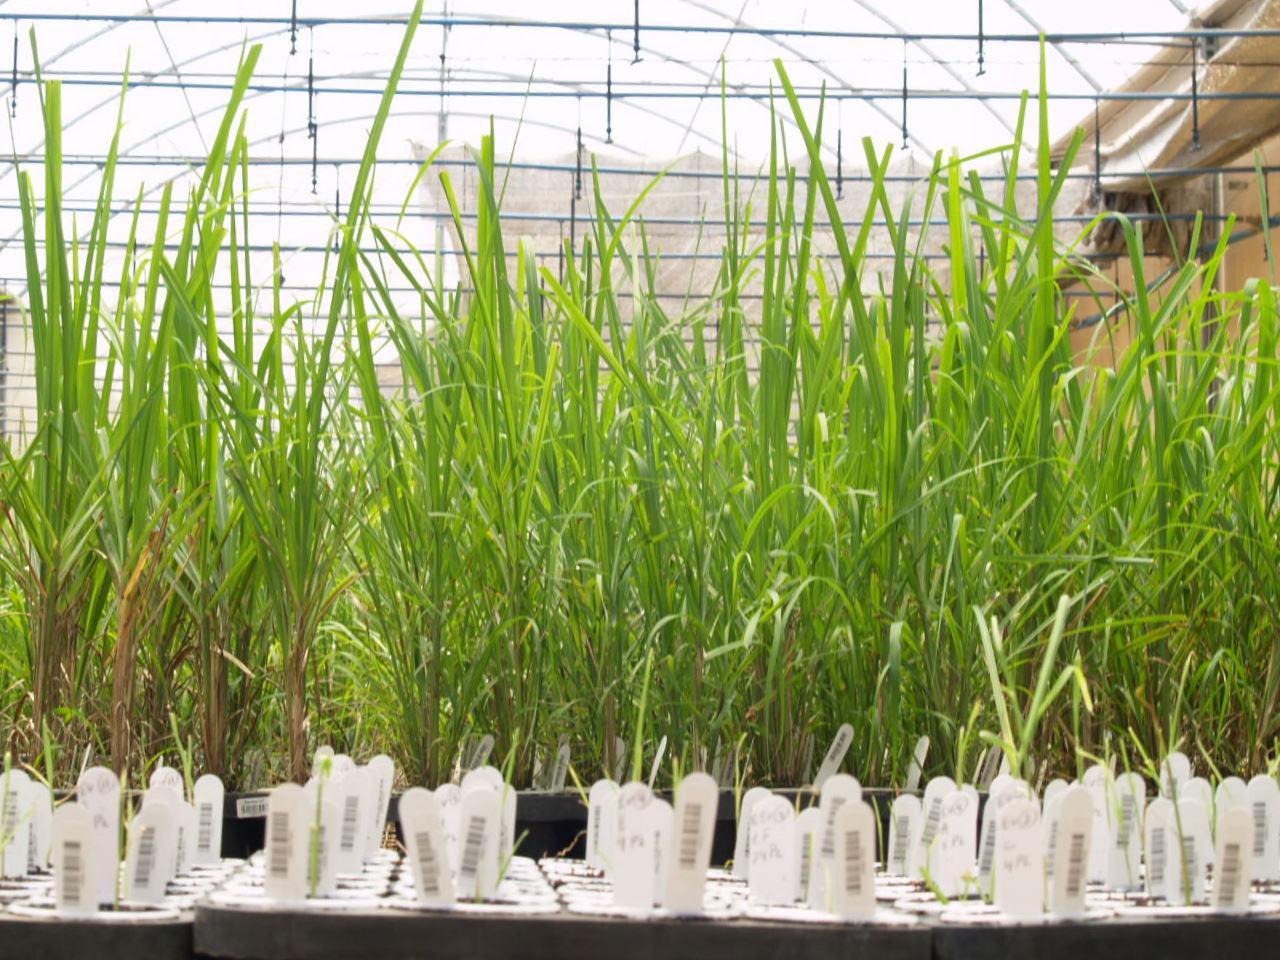 mejoramiento vegetal de caña de azucar